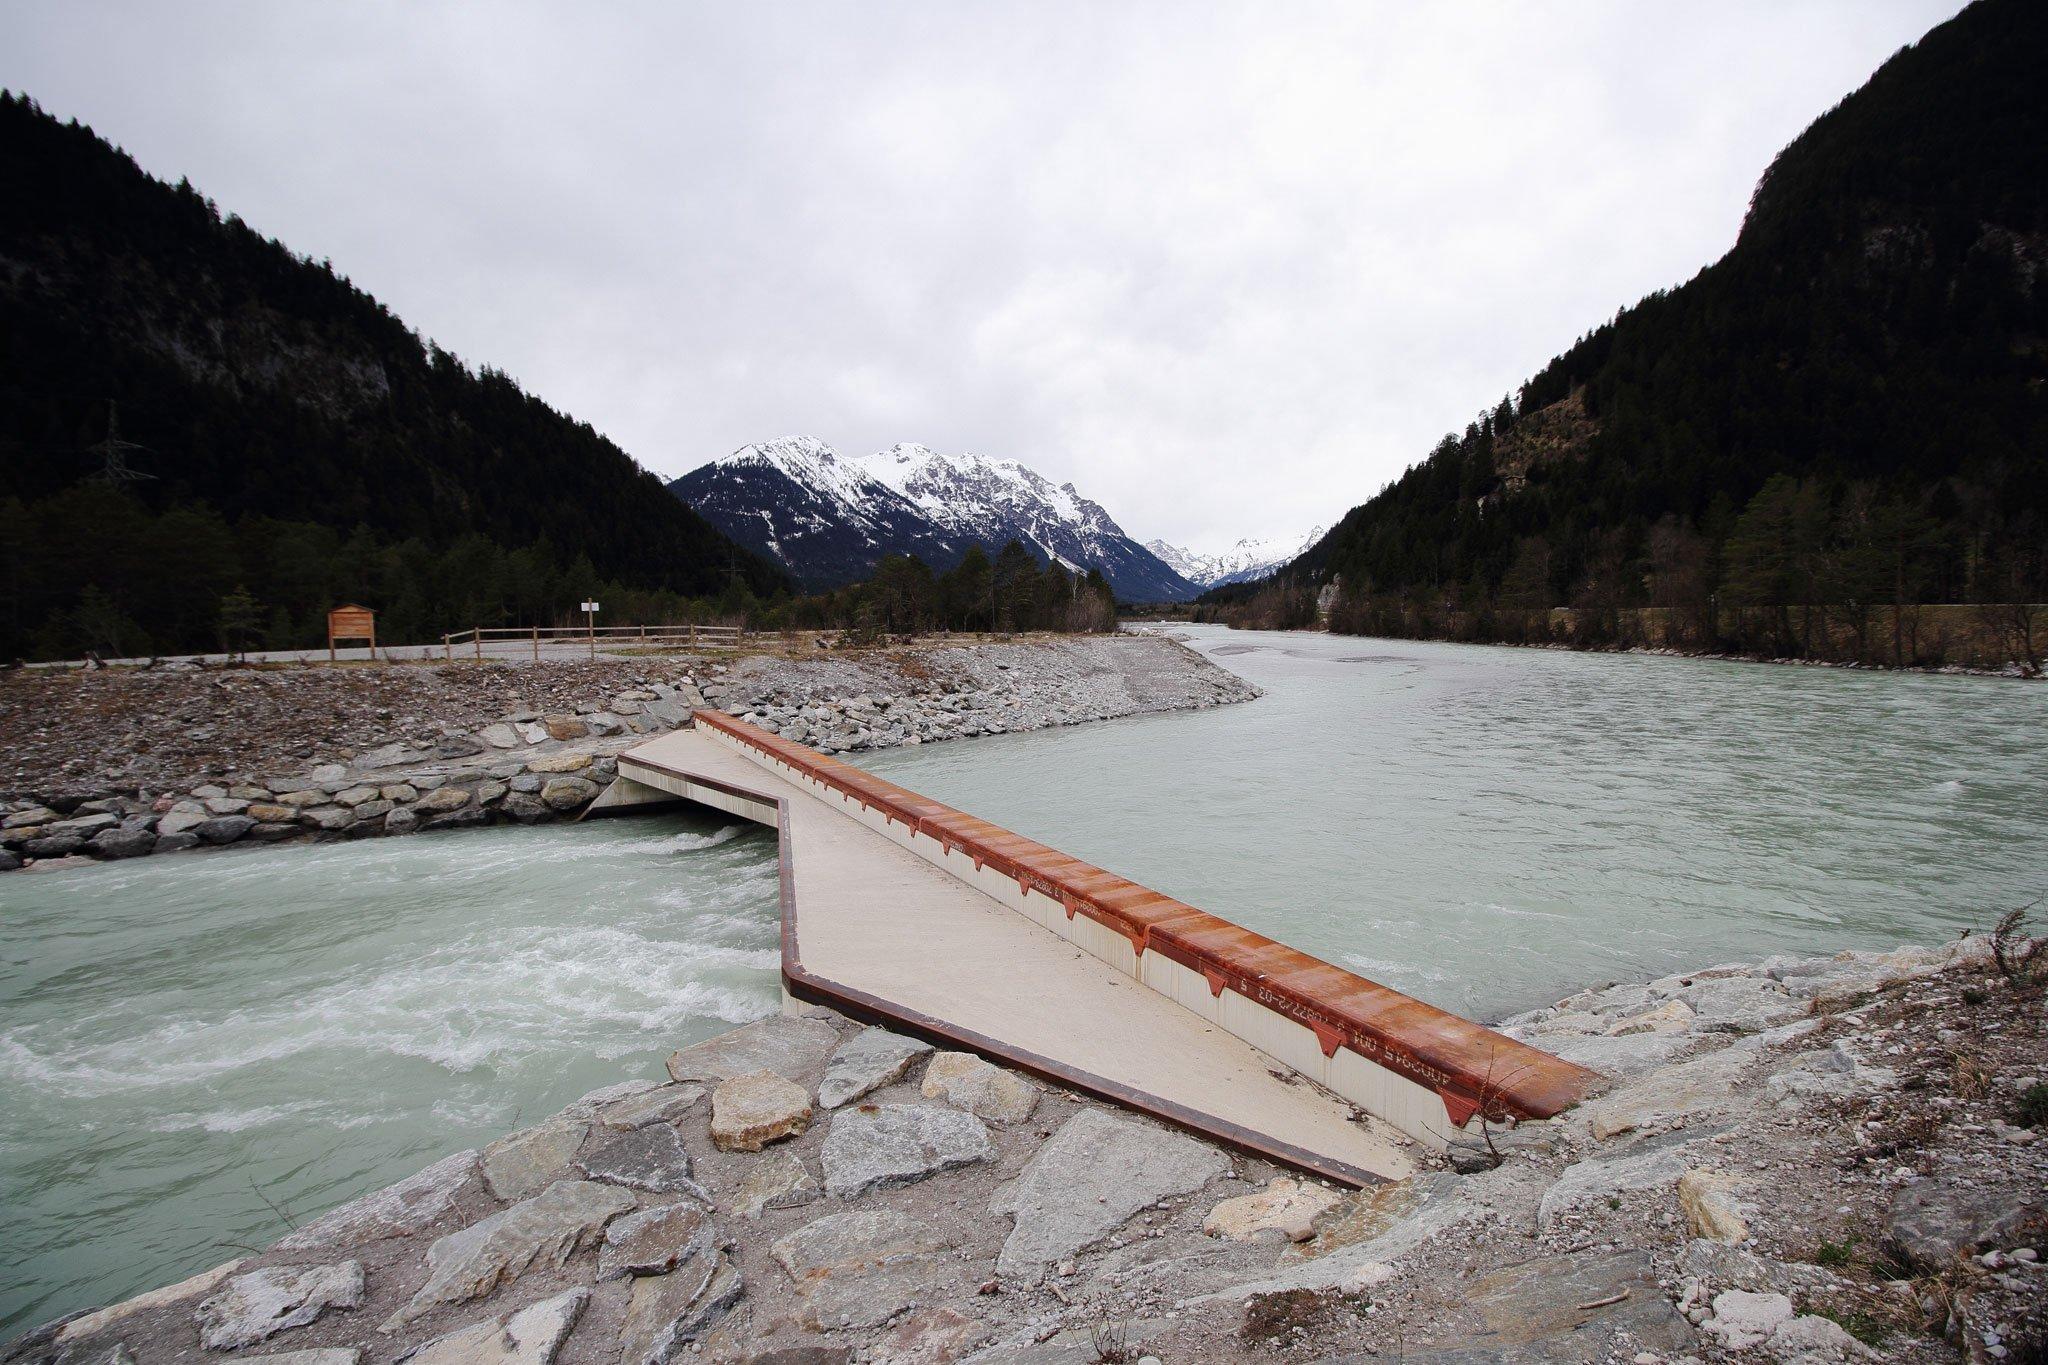 Betonierter Durchlass am Fluss, der Wasser und Schotter-Zufluss reguliert.